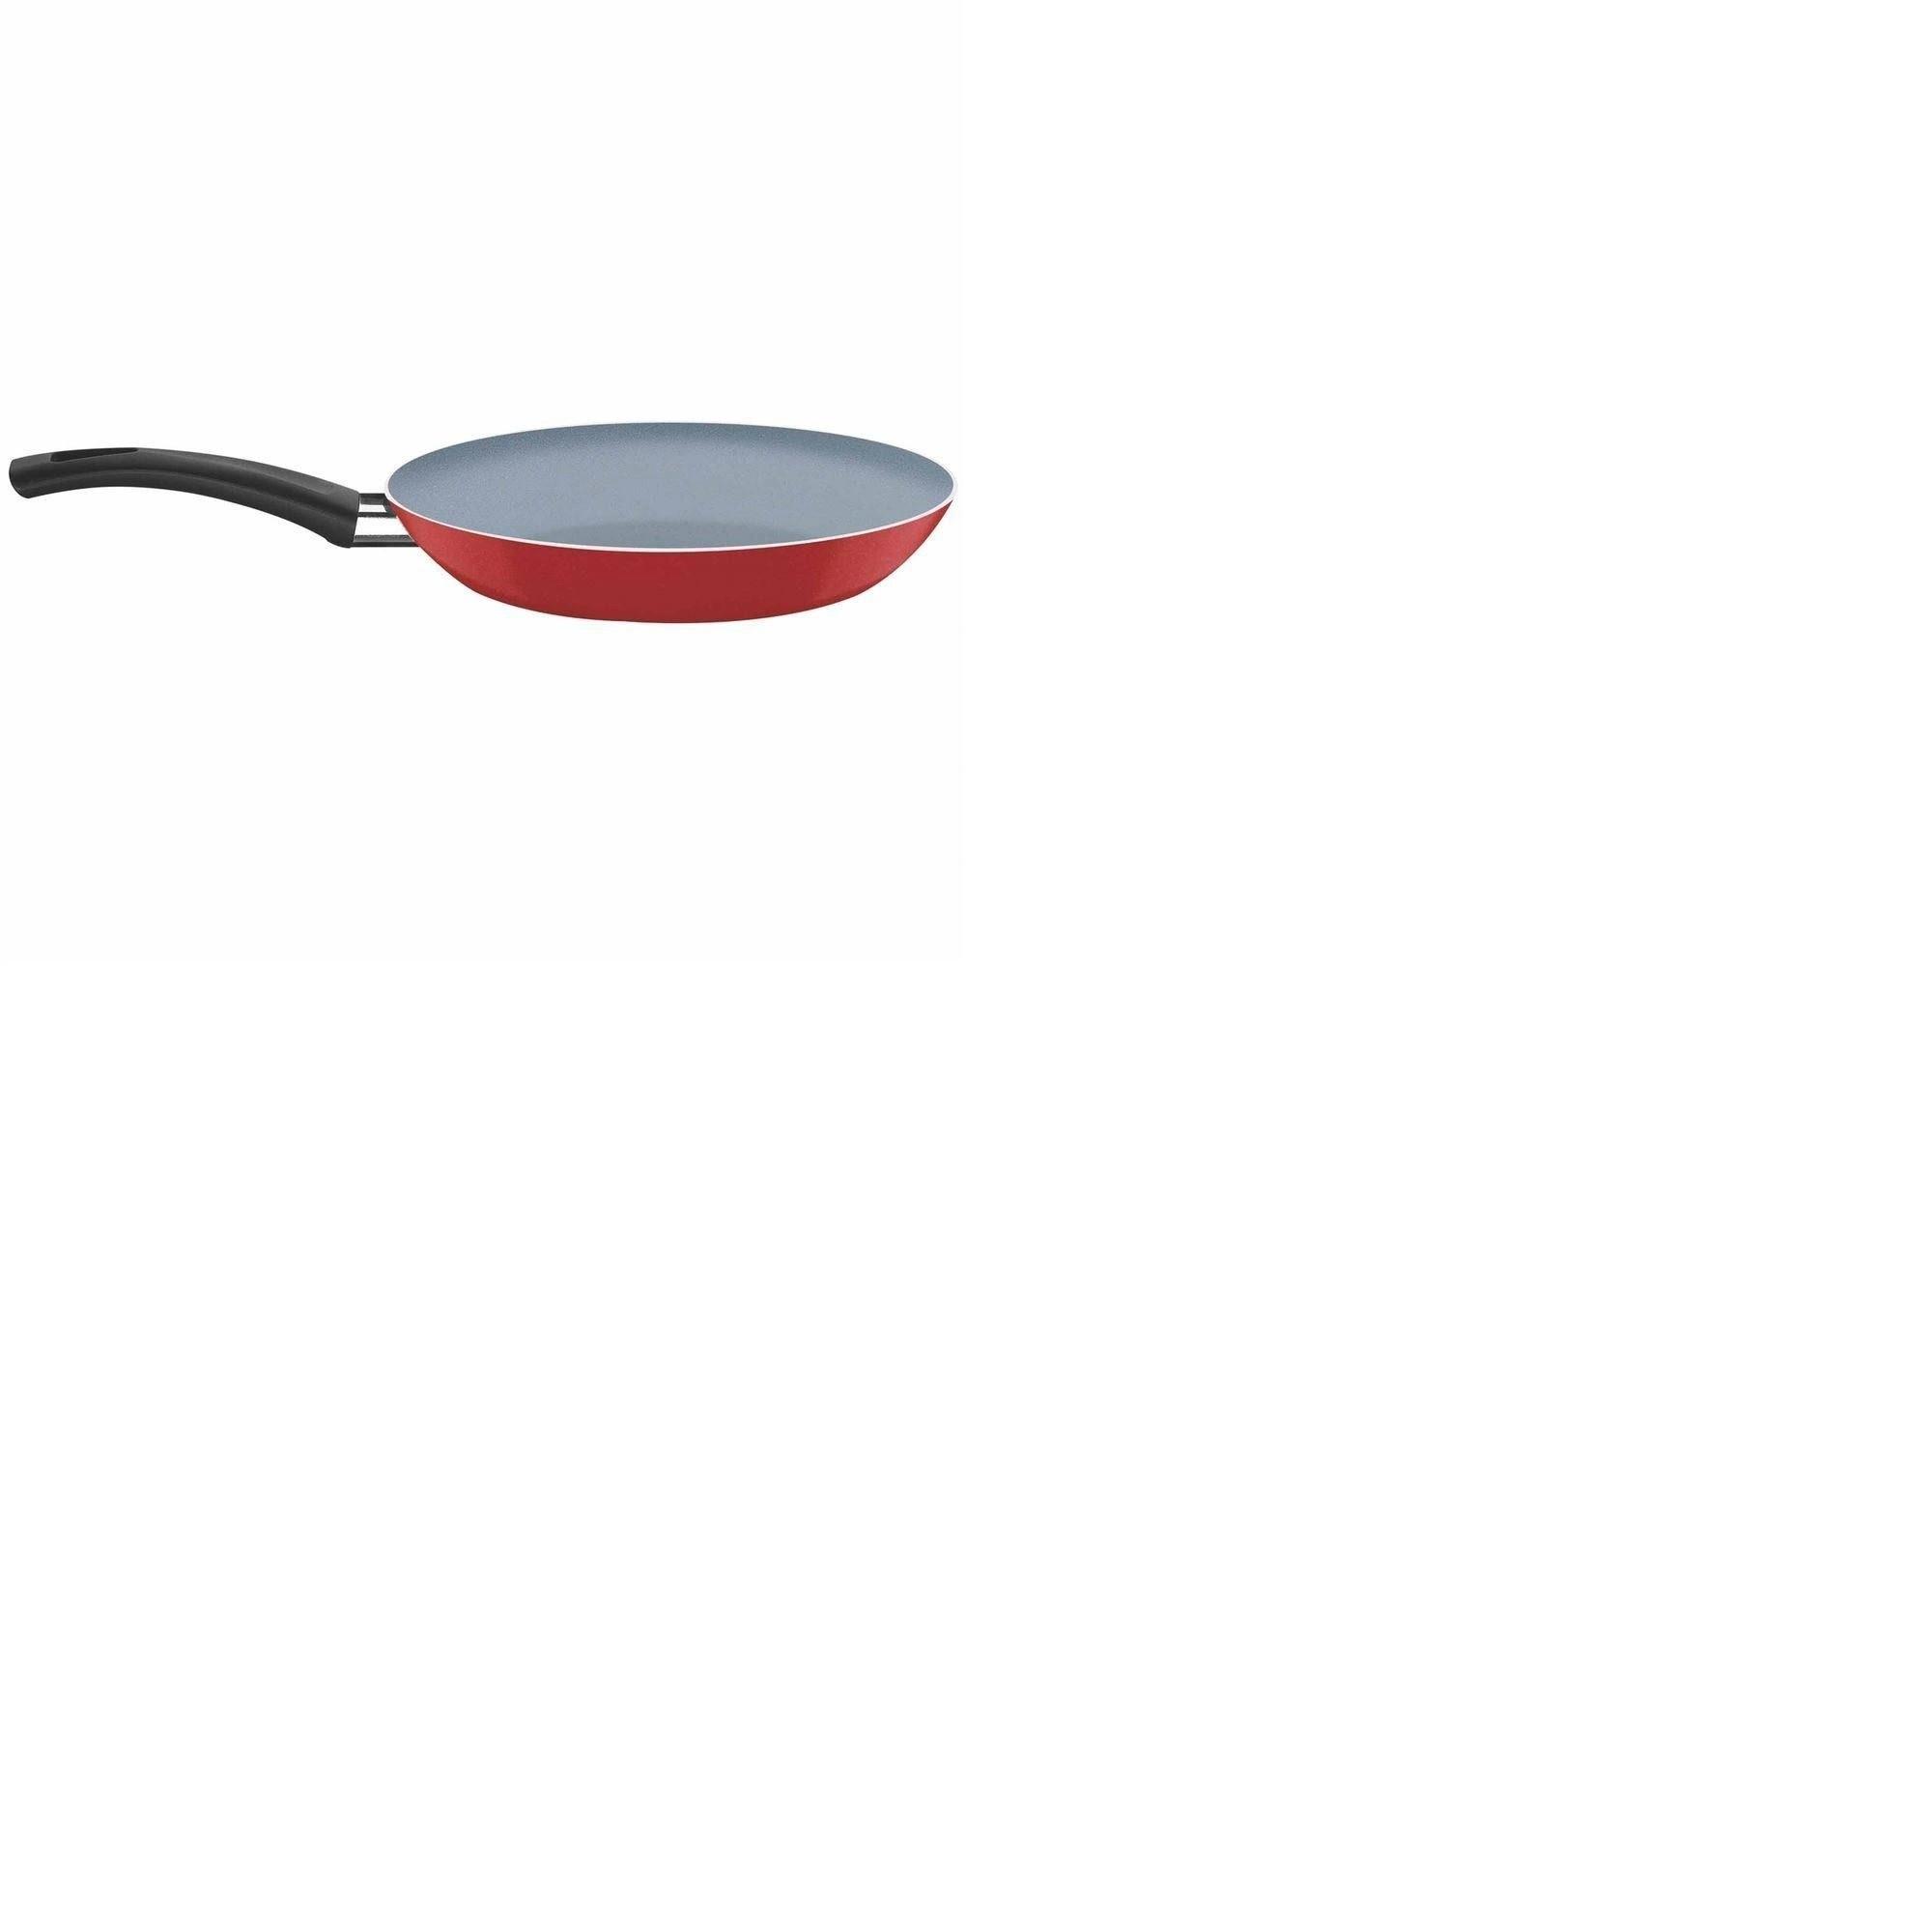 Frigideira Com Revestimento Interno Cerâmico e Externo em Silicone Vermelho 26 cm 1,8 L Tramontina